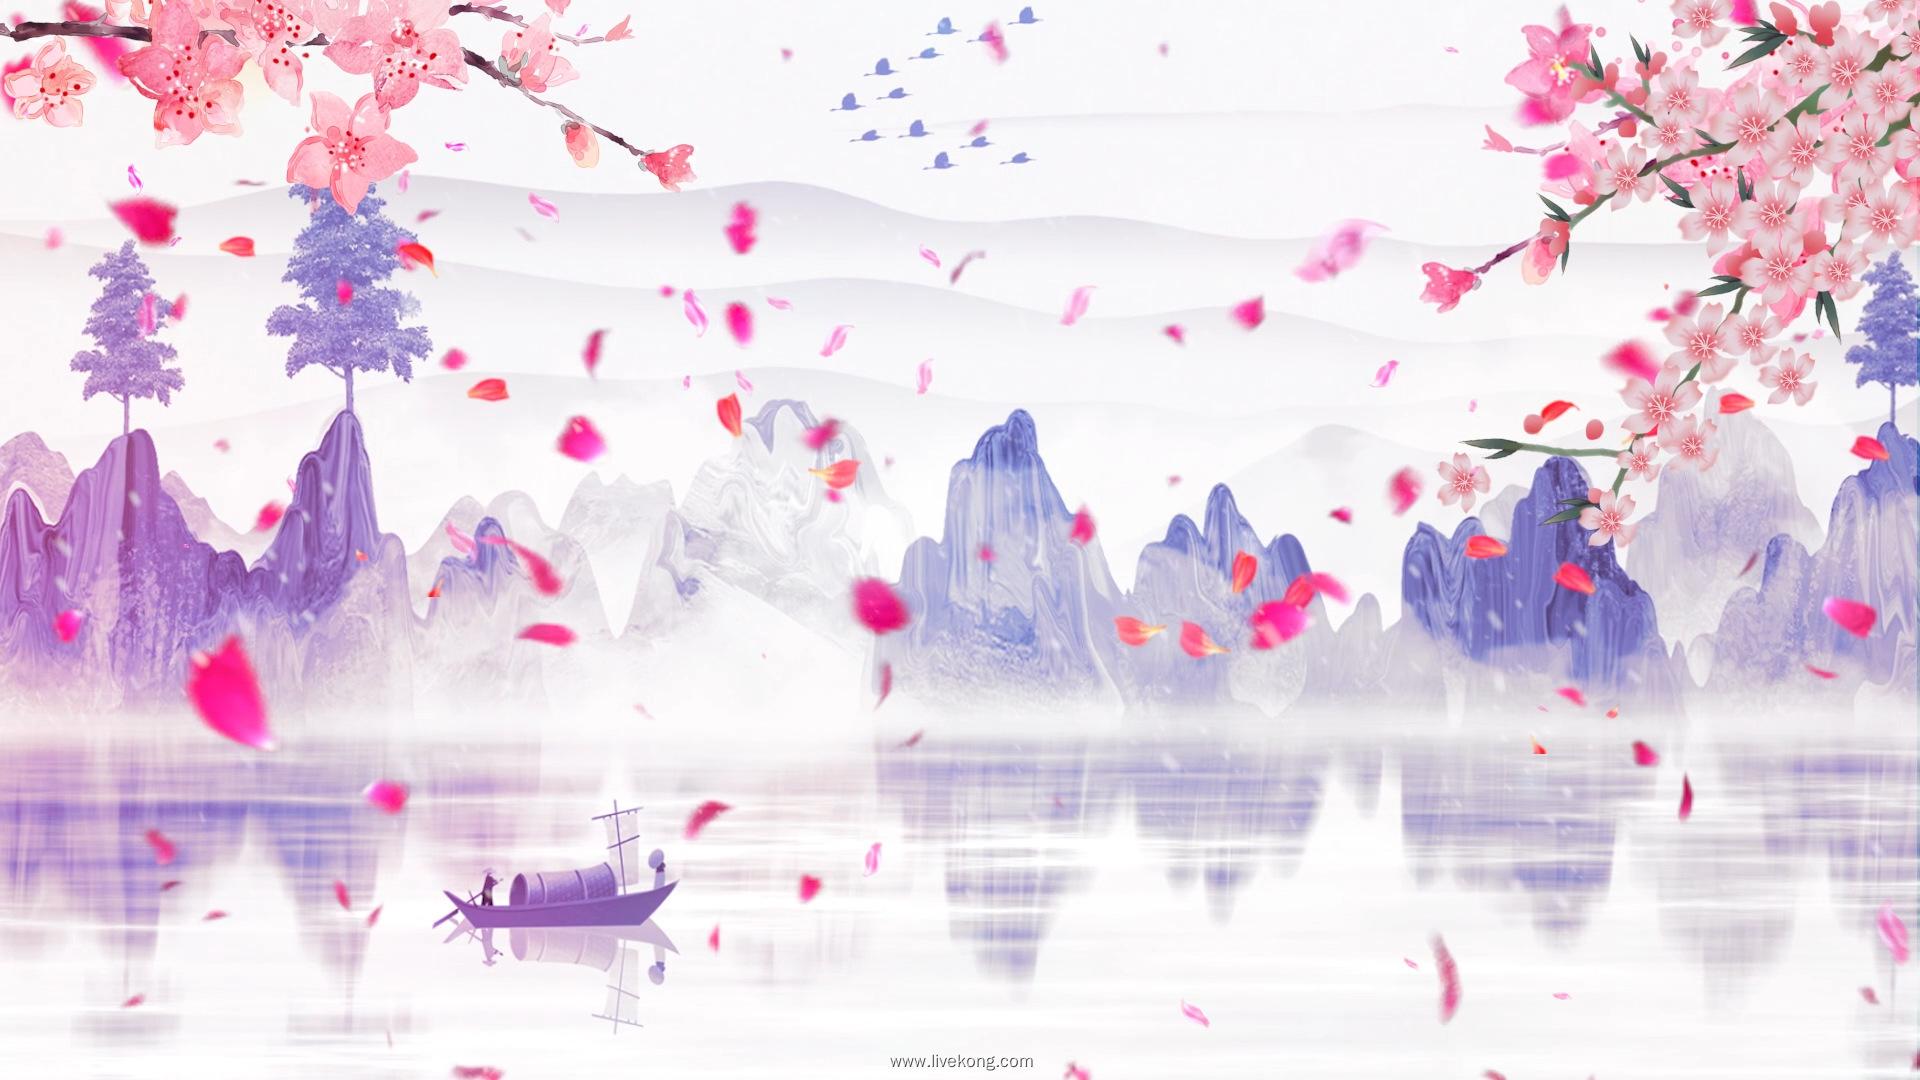 序列 01.00 01 04 11.Still005 - 歌曲女儿情led配乐成品视频背景 水墨山水演出大屏背景